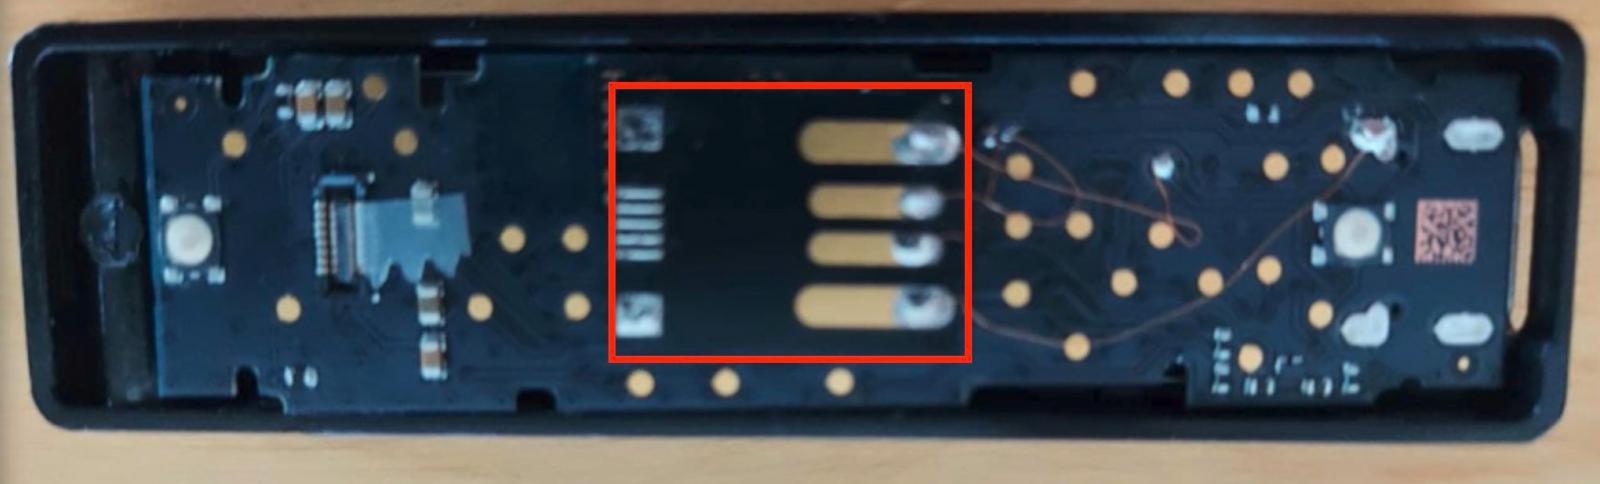 Back of fake Ledger hardware wallet